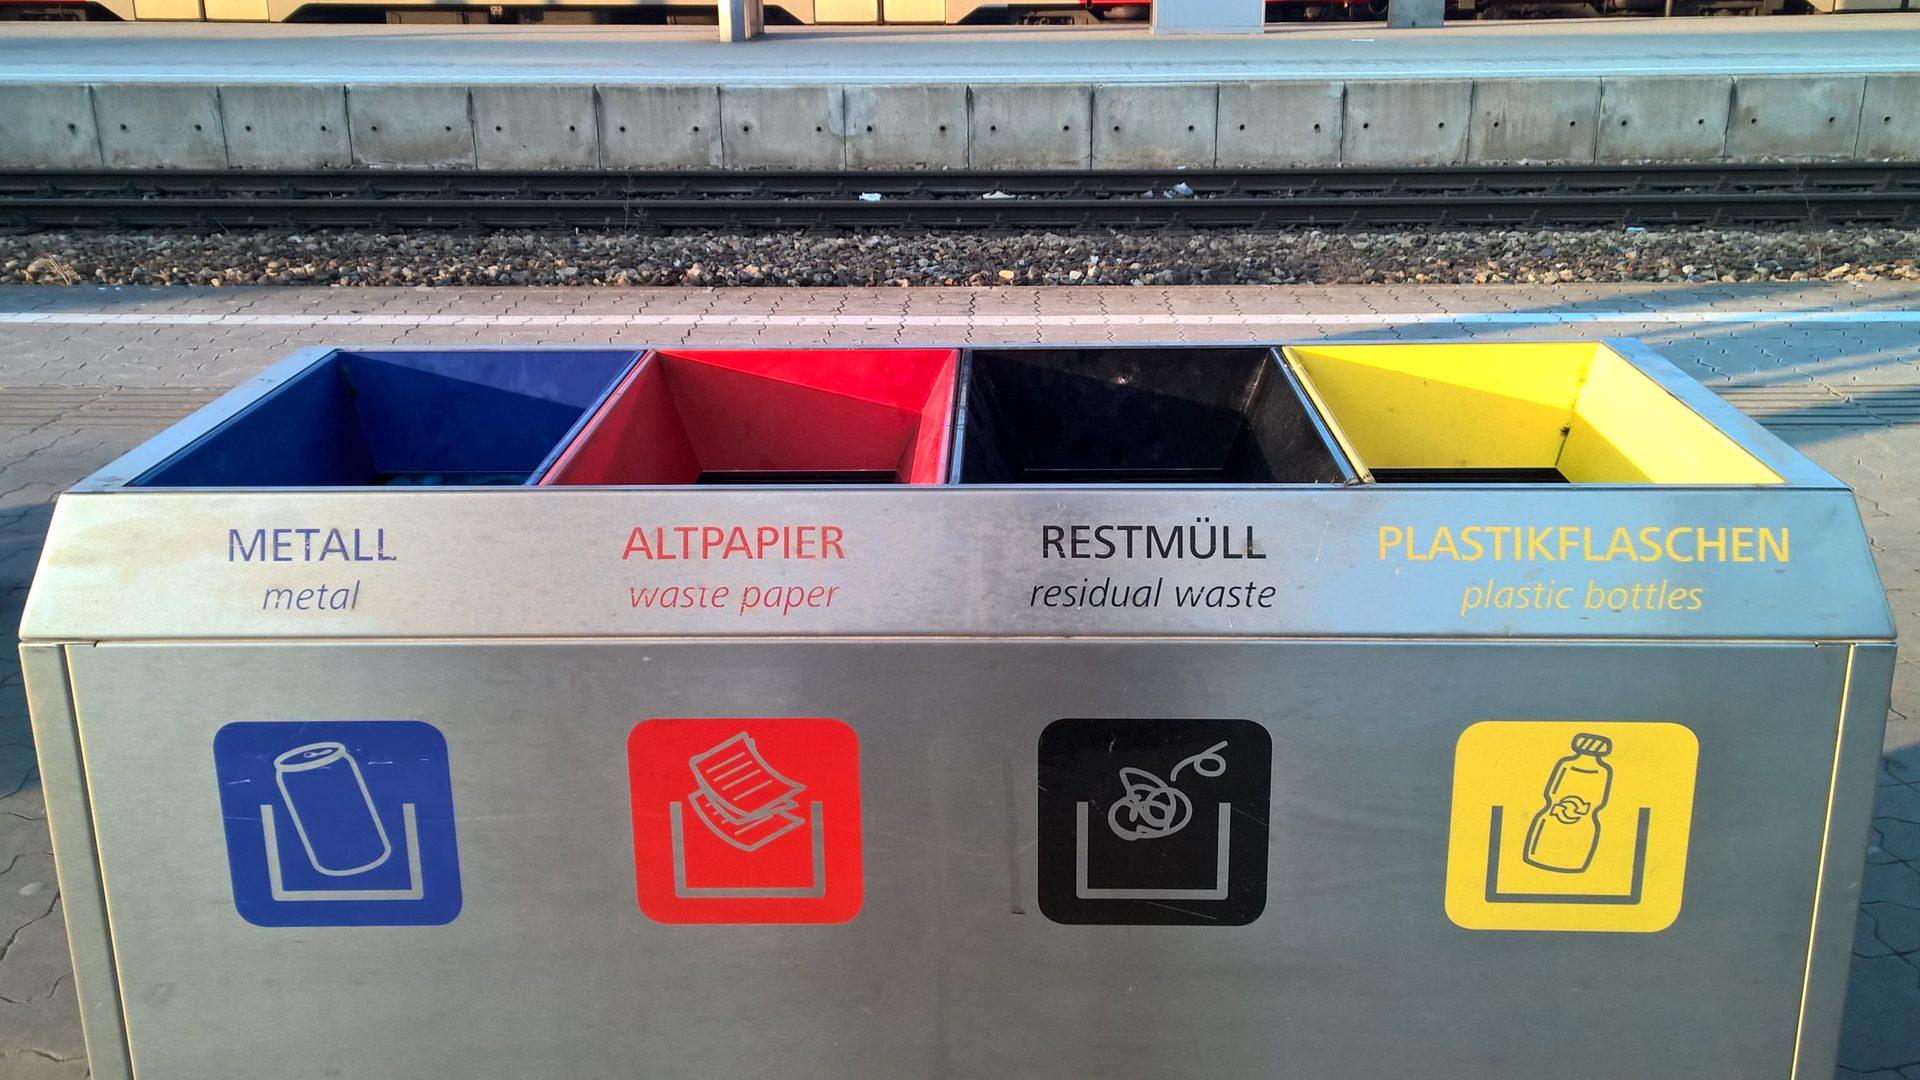 Mülltrennung - erst ein kleiner Schritt für die Umwelt © Adrian Müller